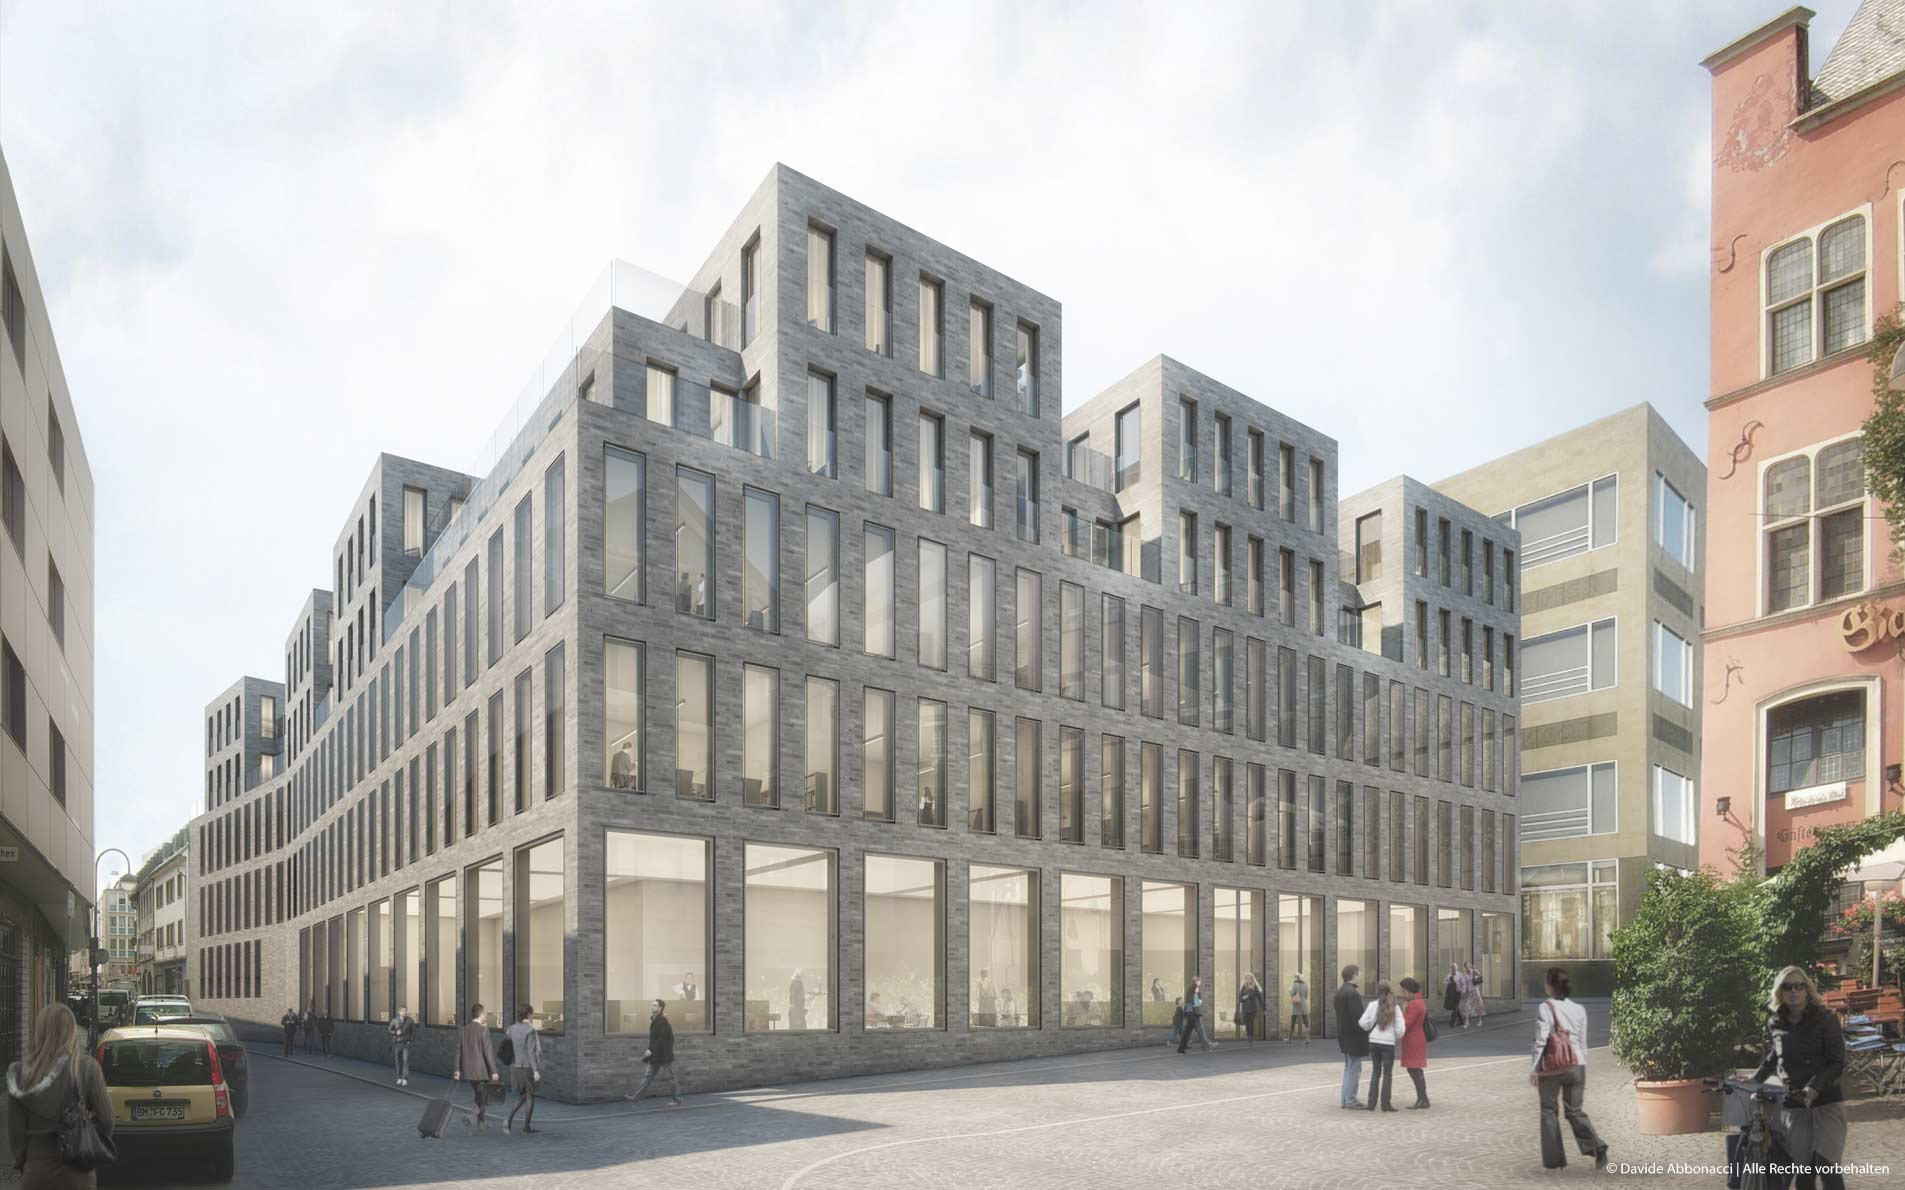 Erweiterungsbau Wallraf-Richartz-Museum, Köln | Georg Scheel Wetzel Architekten | 2013 Wettbewerbsvisualisierung | Ankauf